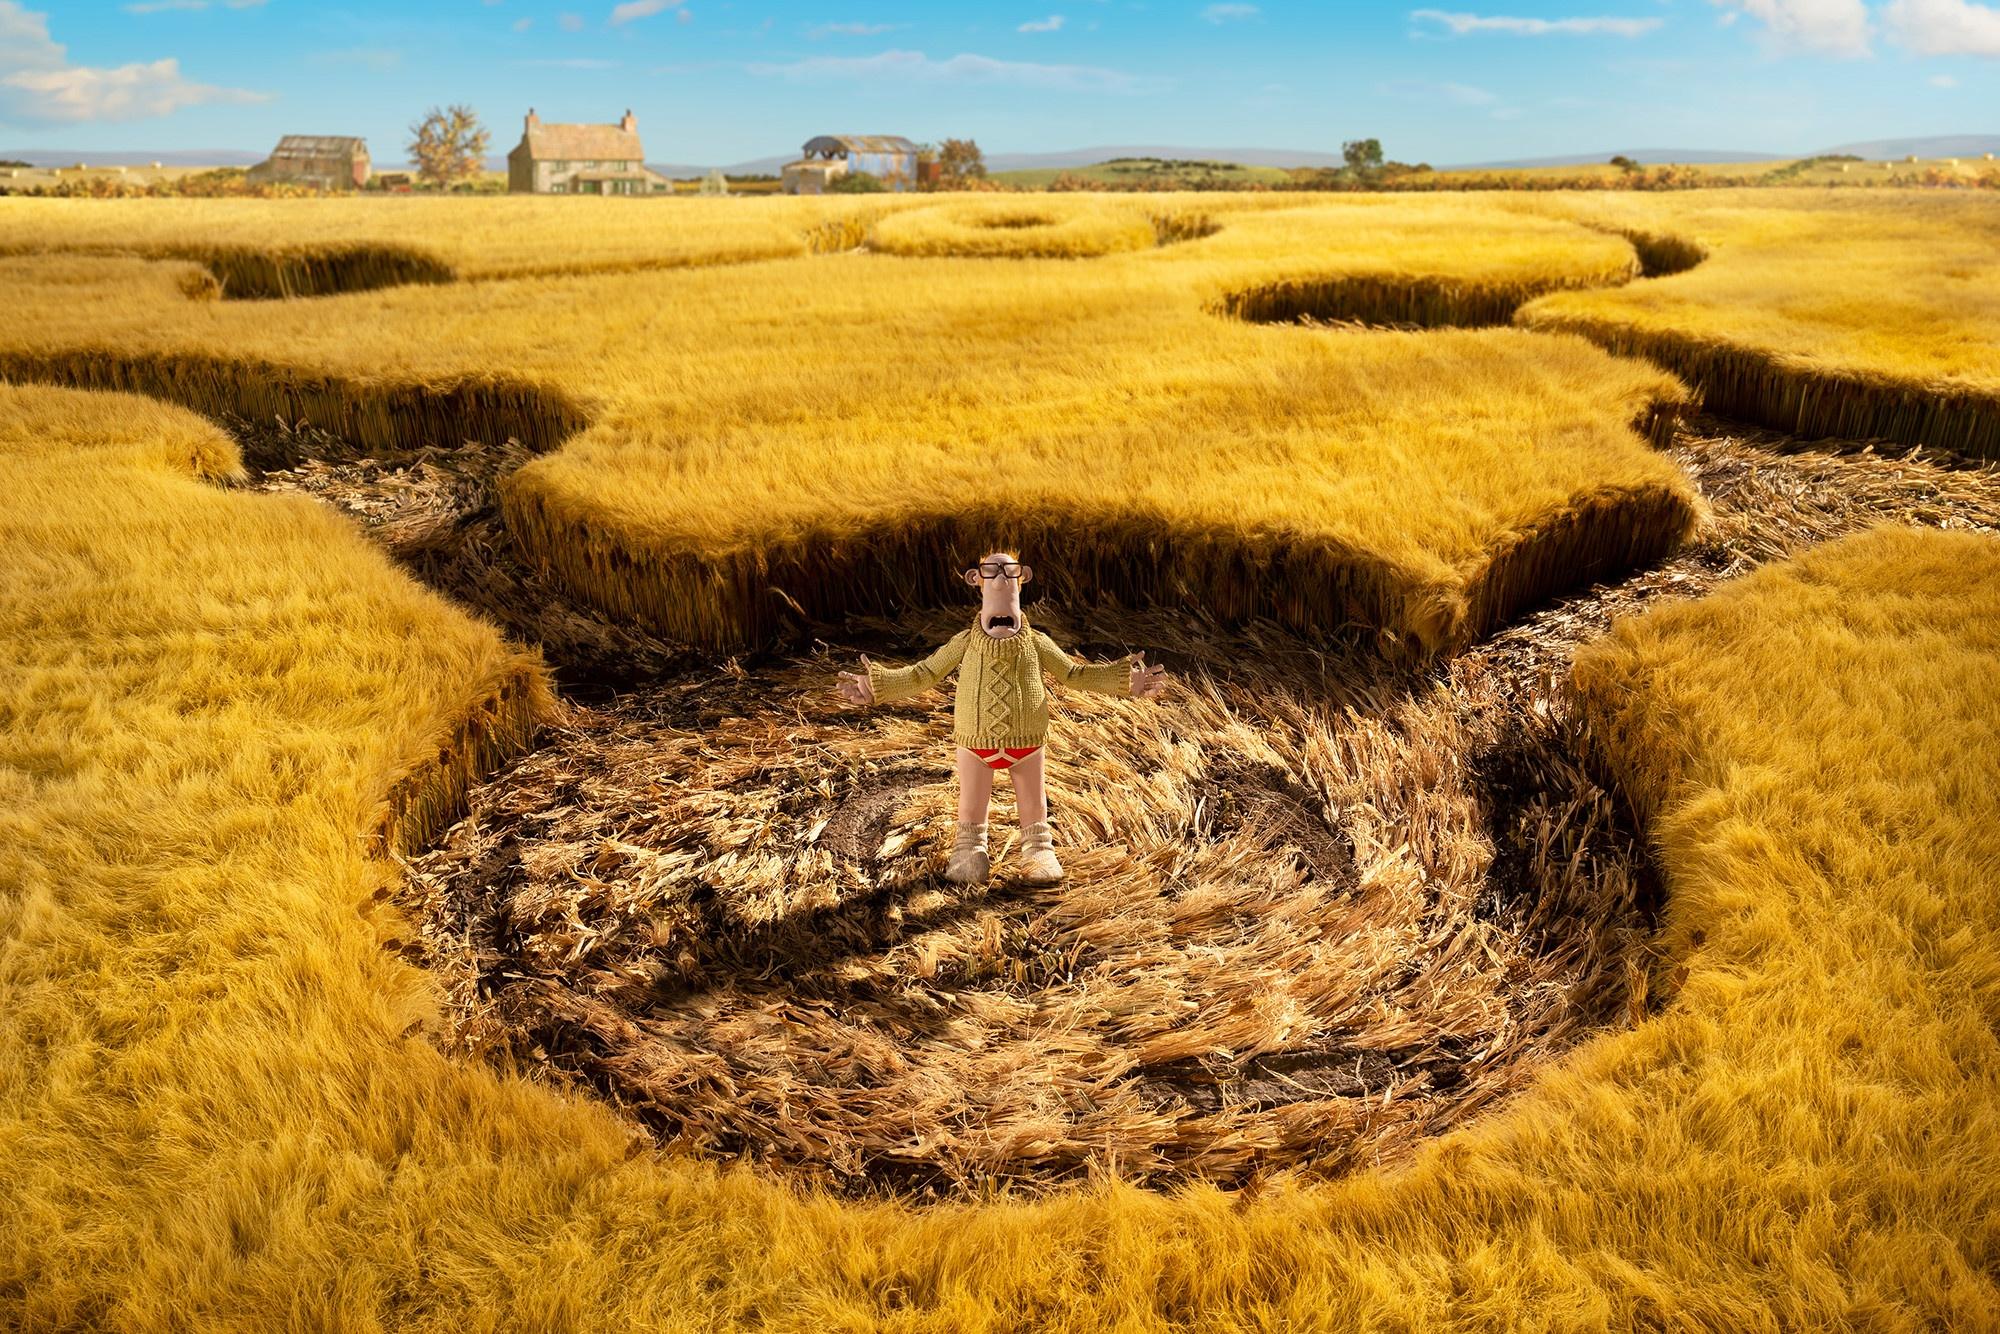 Gli alieni sbarcano nella fattoria Mossy Bottom